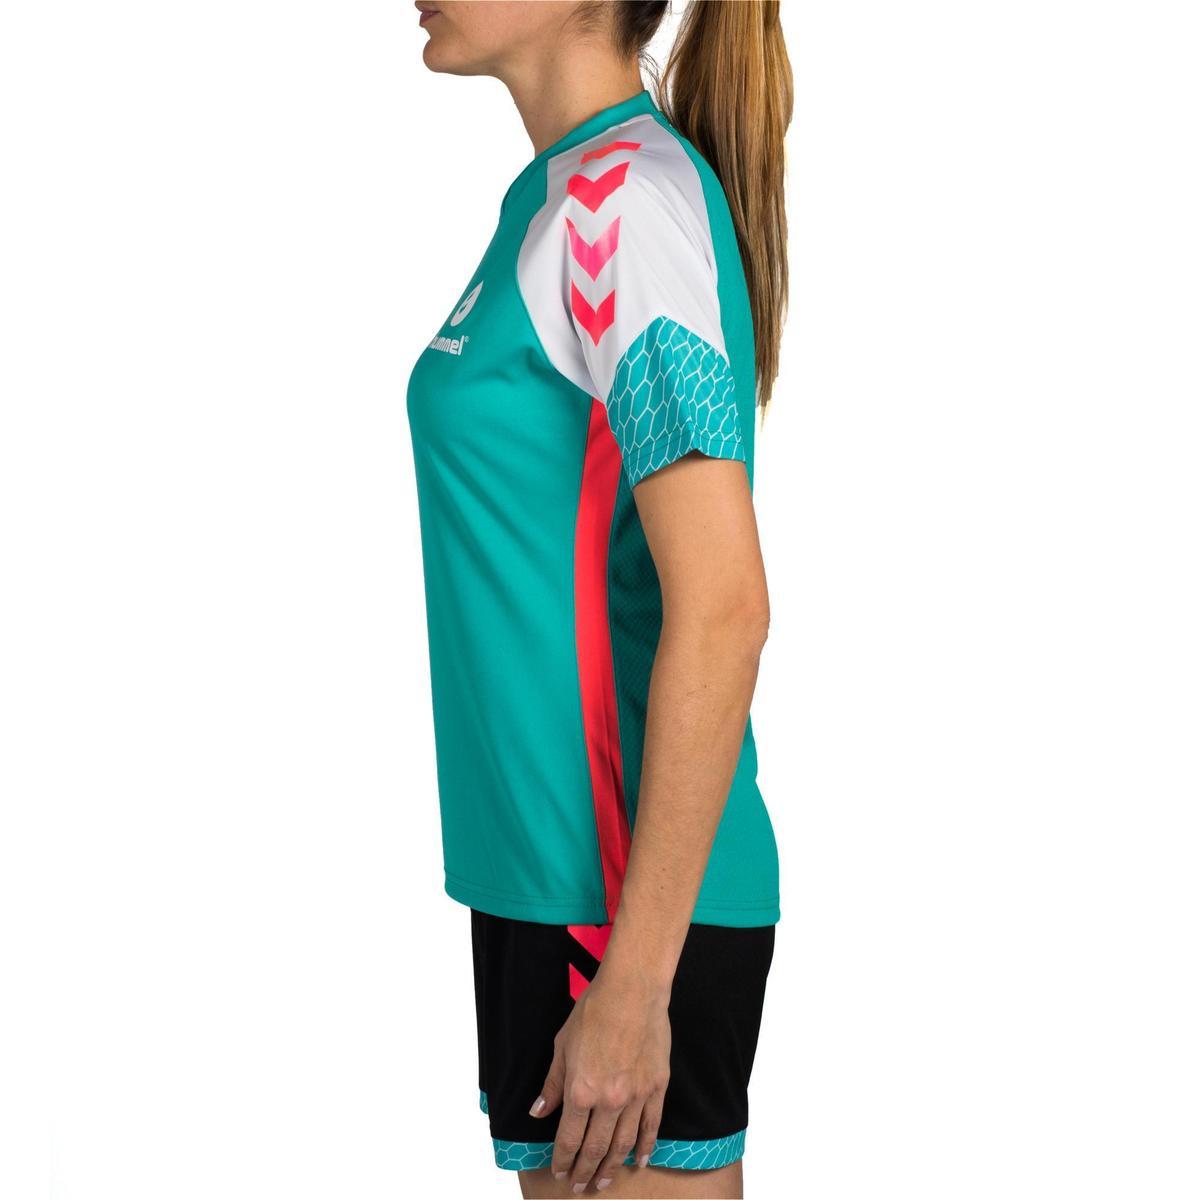 Bild 5 von Handballtrikot Damen türkis/weiß